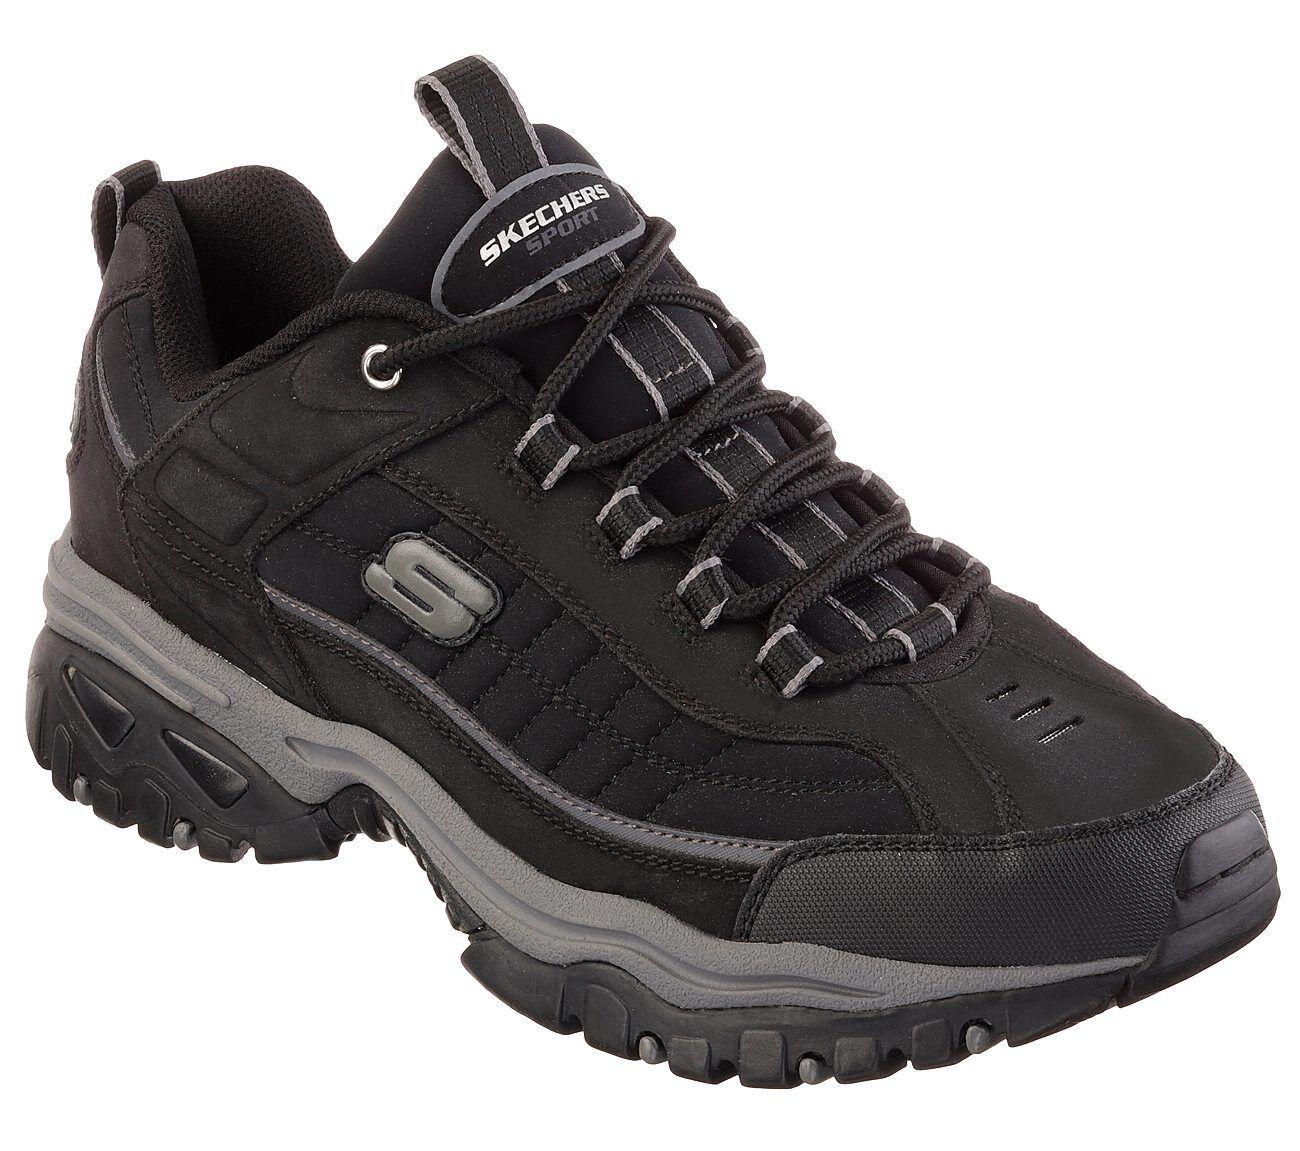 50172 EW Wide Width Black Skechers shoes Men's Sport Casual Soft Leather Sneaker Seasonal price cuts, discount benefits